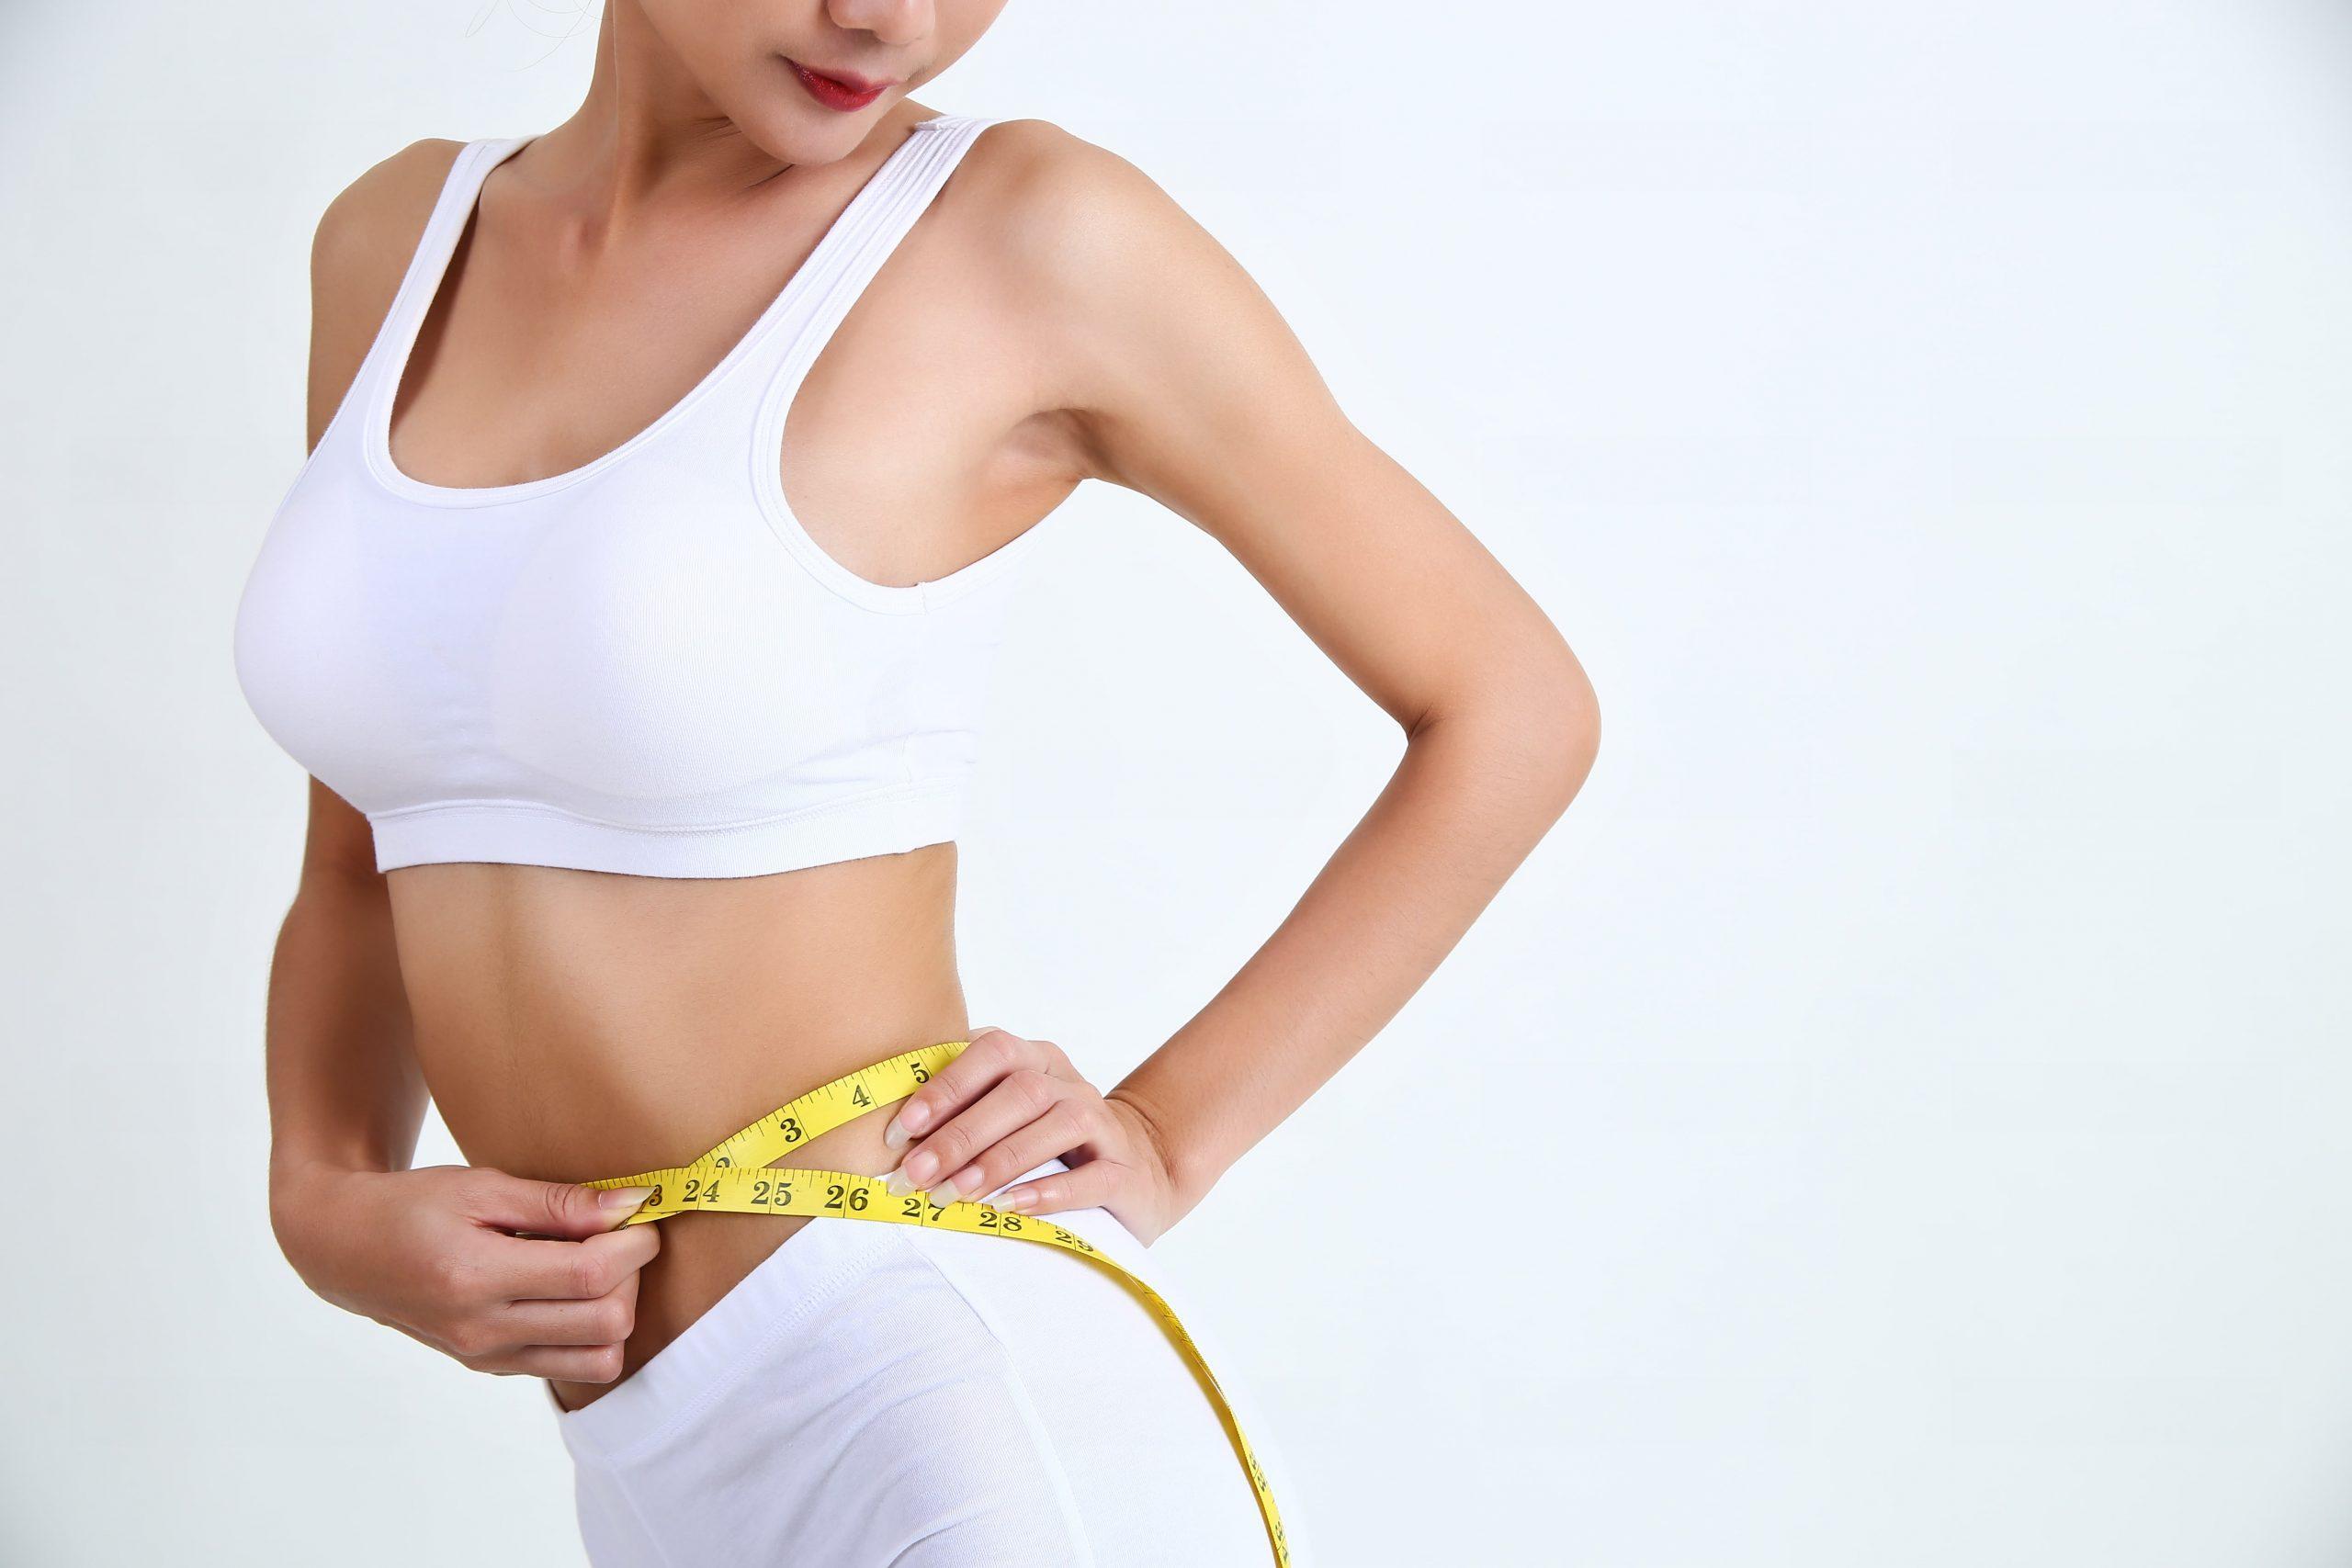 bajar peso despues de verano